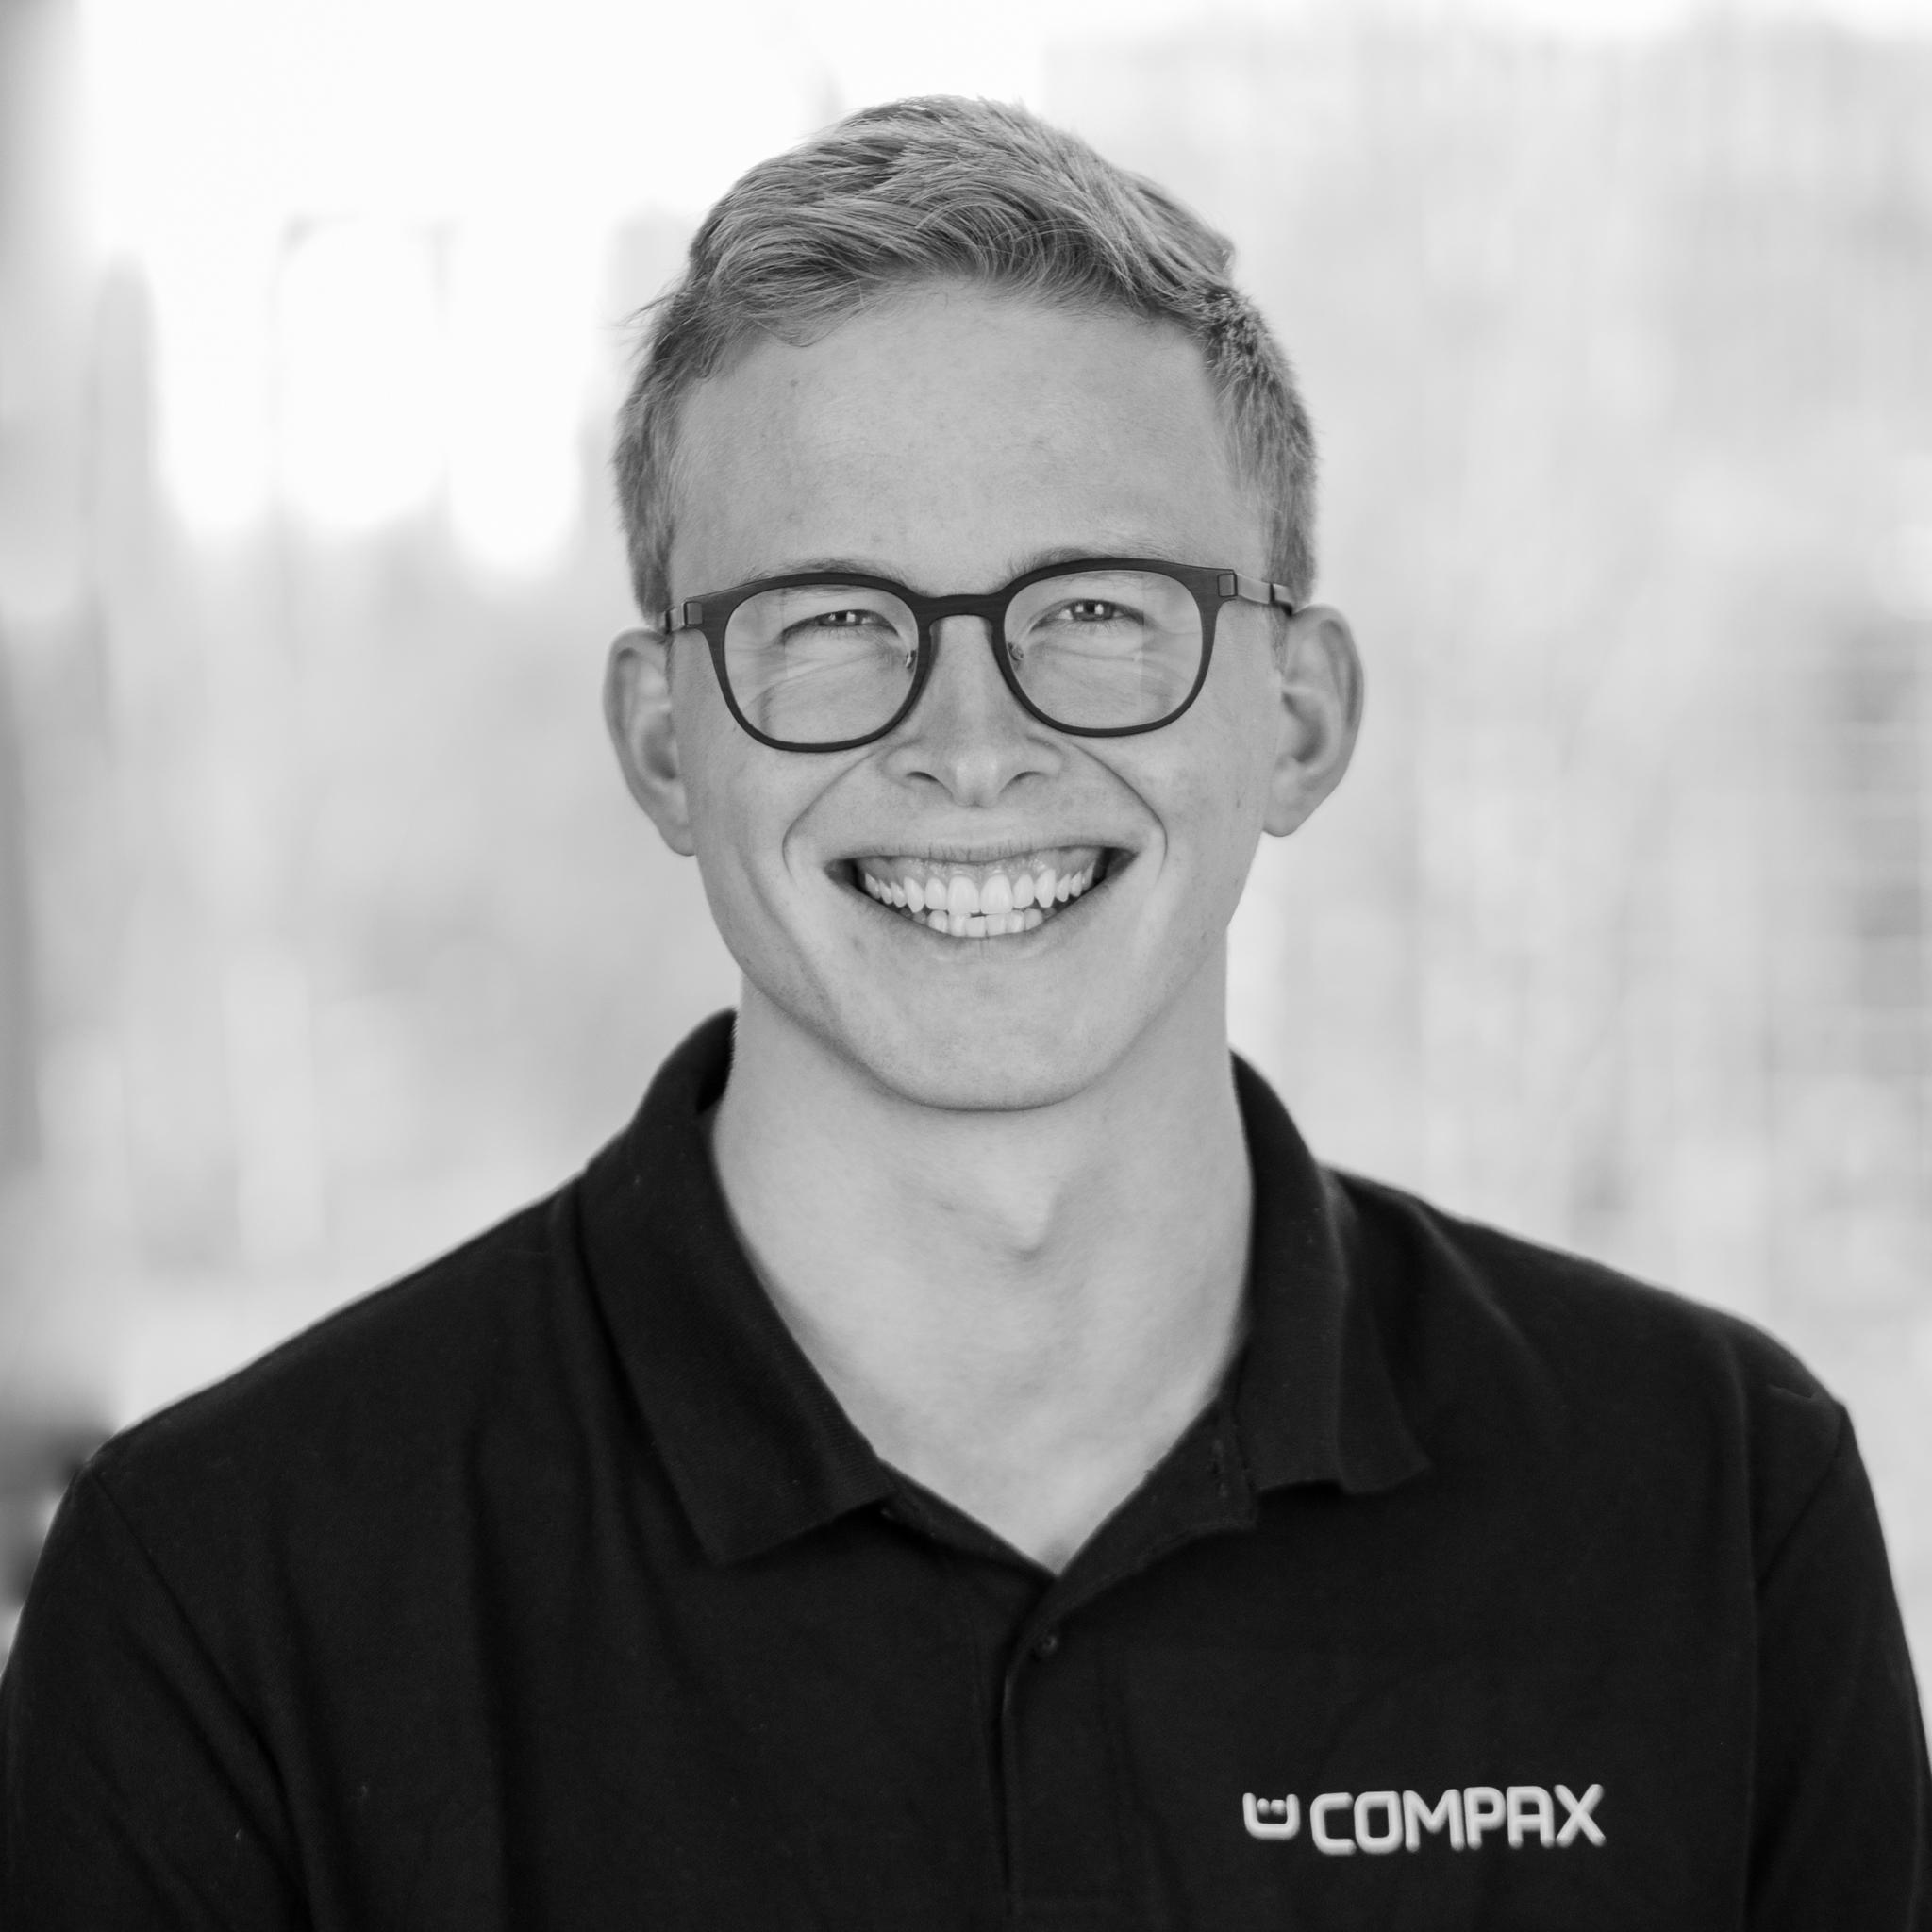 Per Øyvind Valen at Compax Solutions